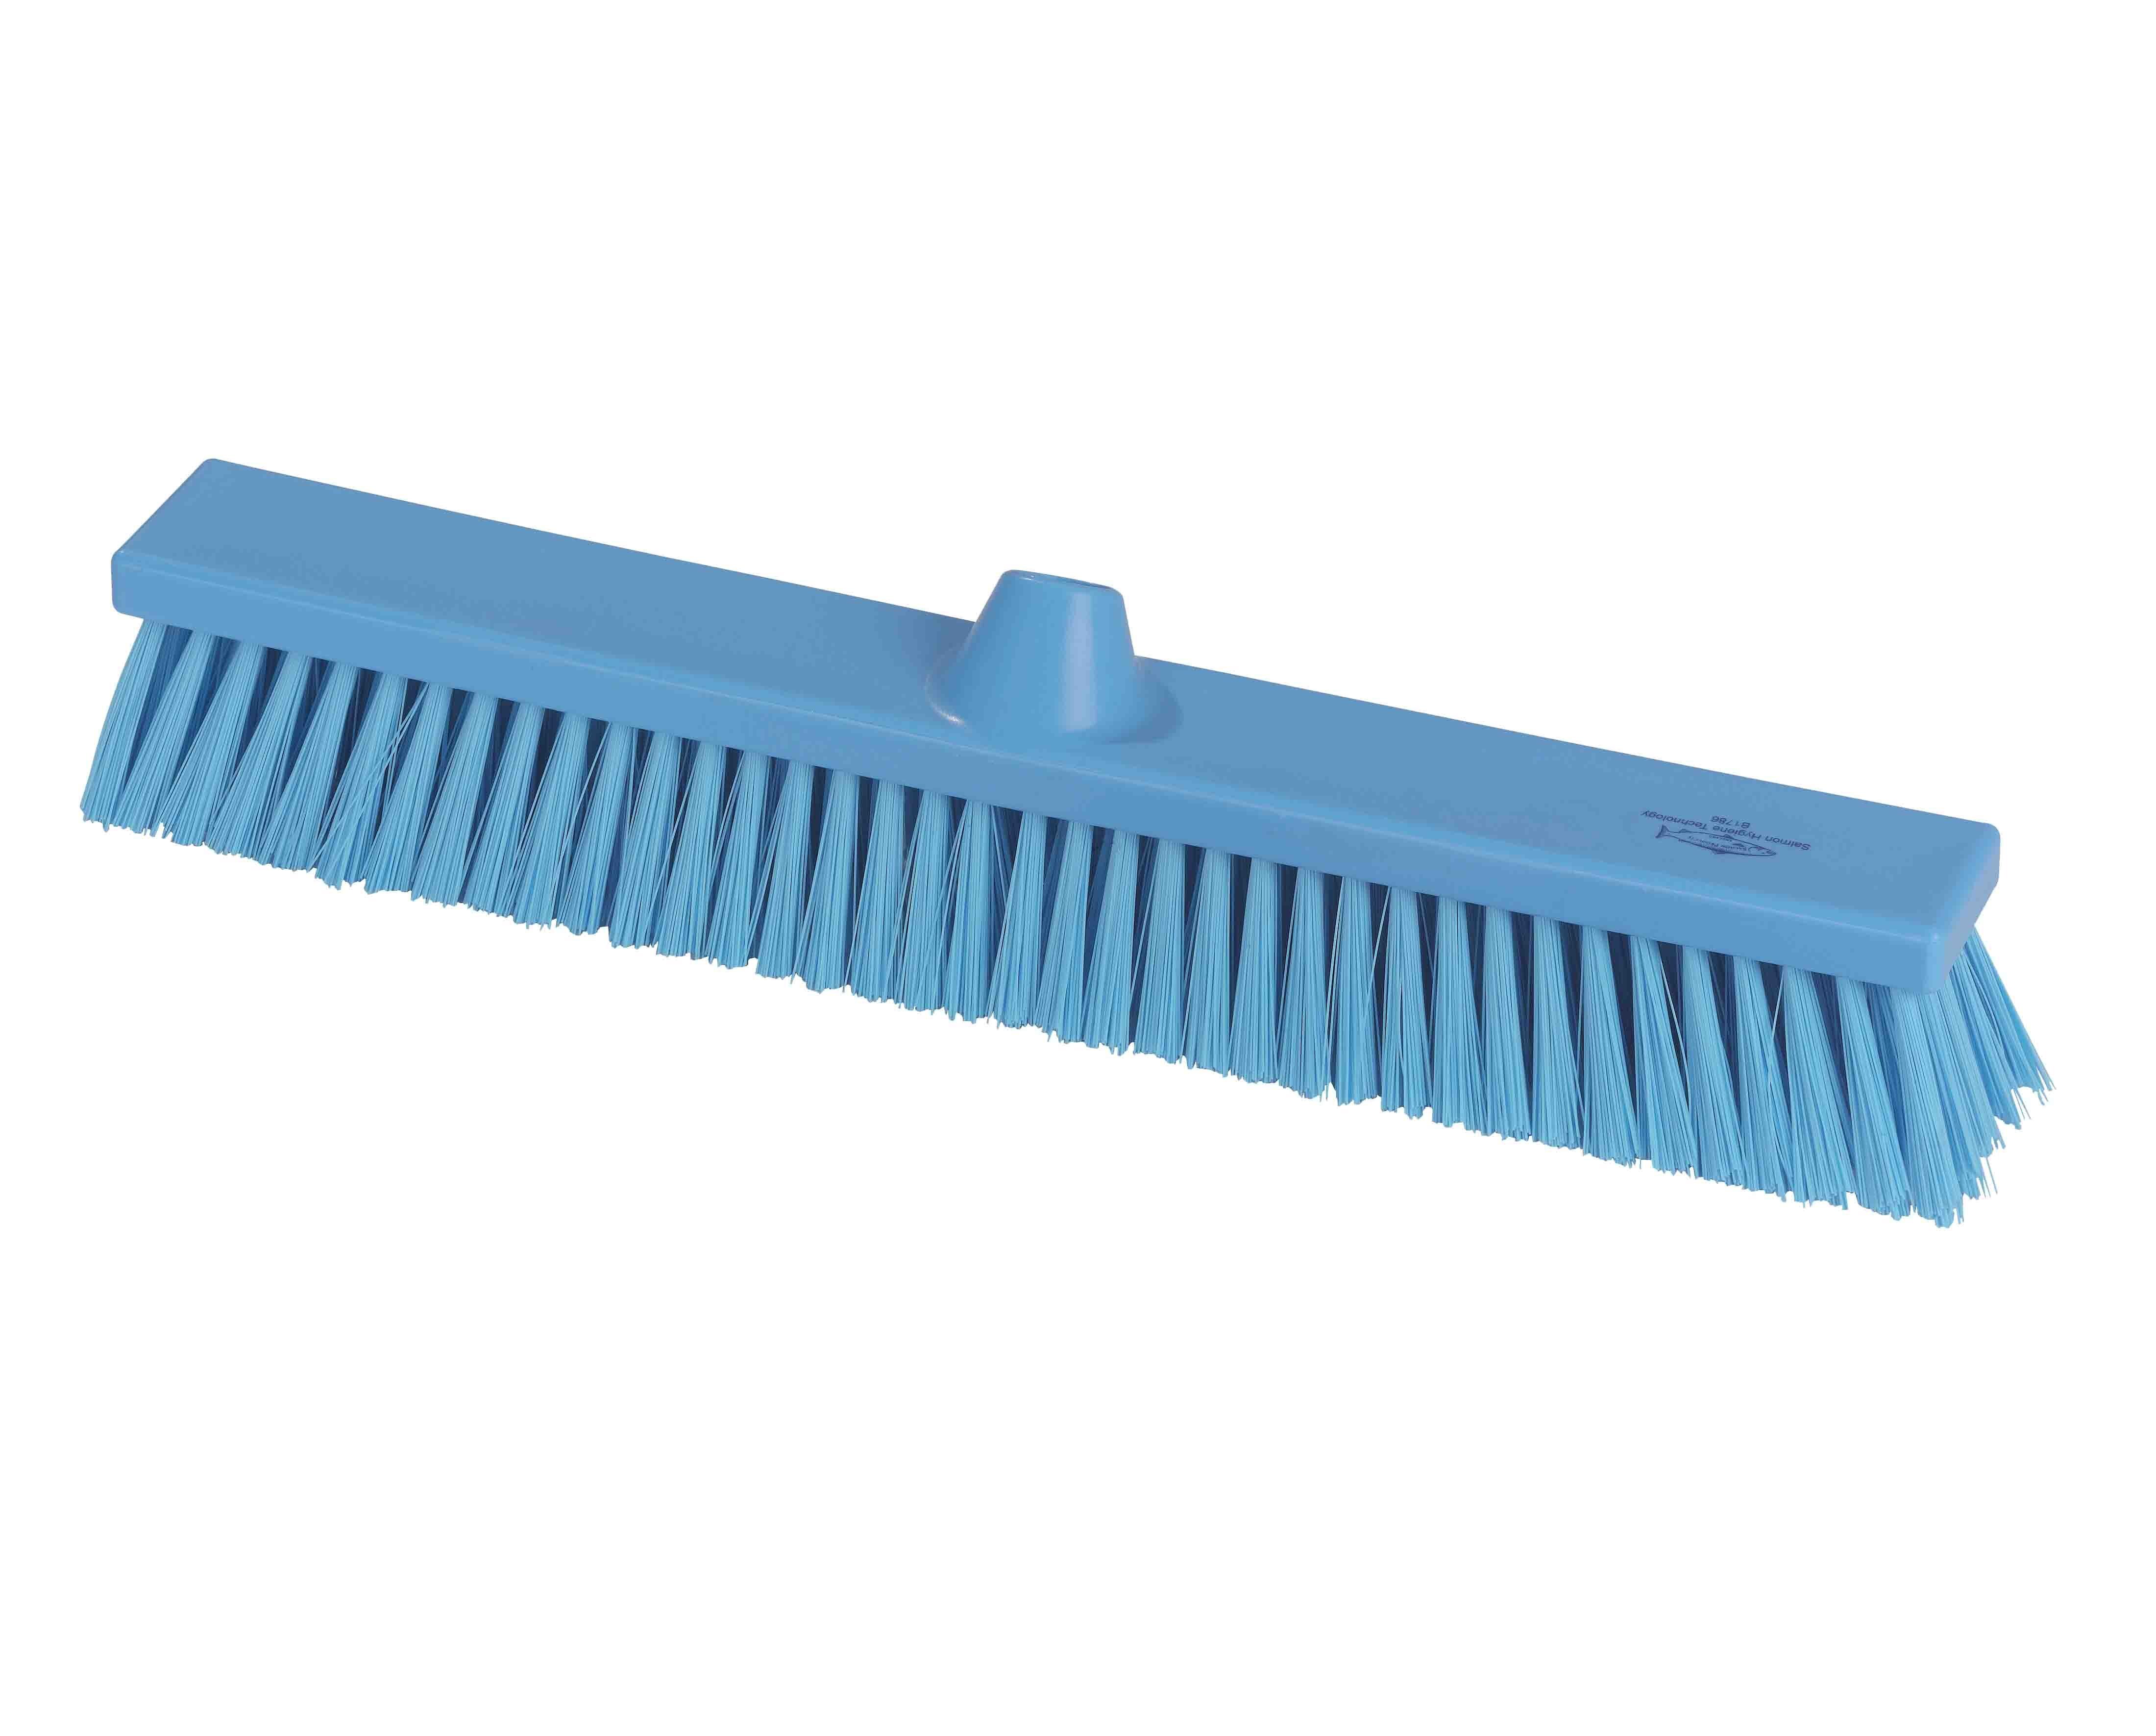 B1786 Flat Sweep Broom Stiff 500x58mm